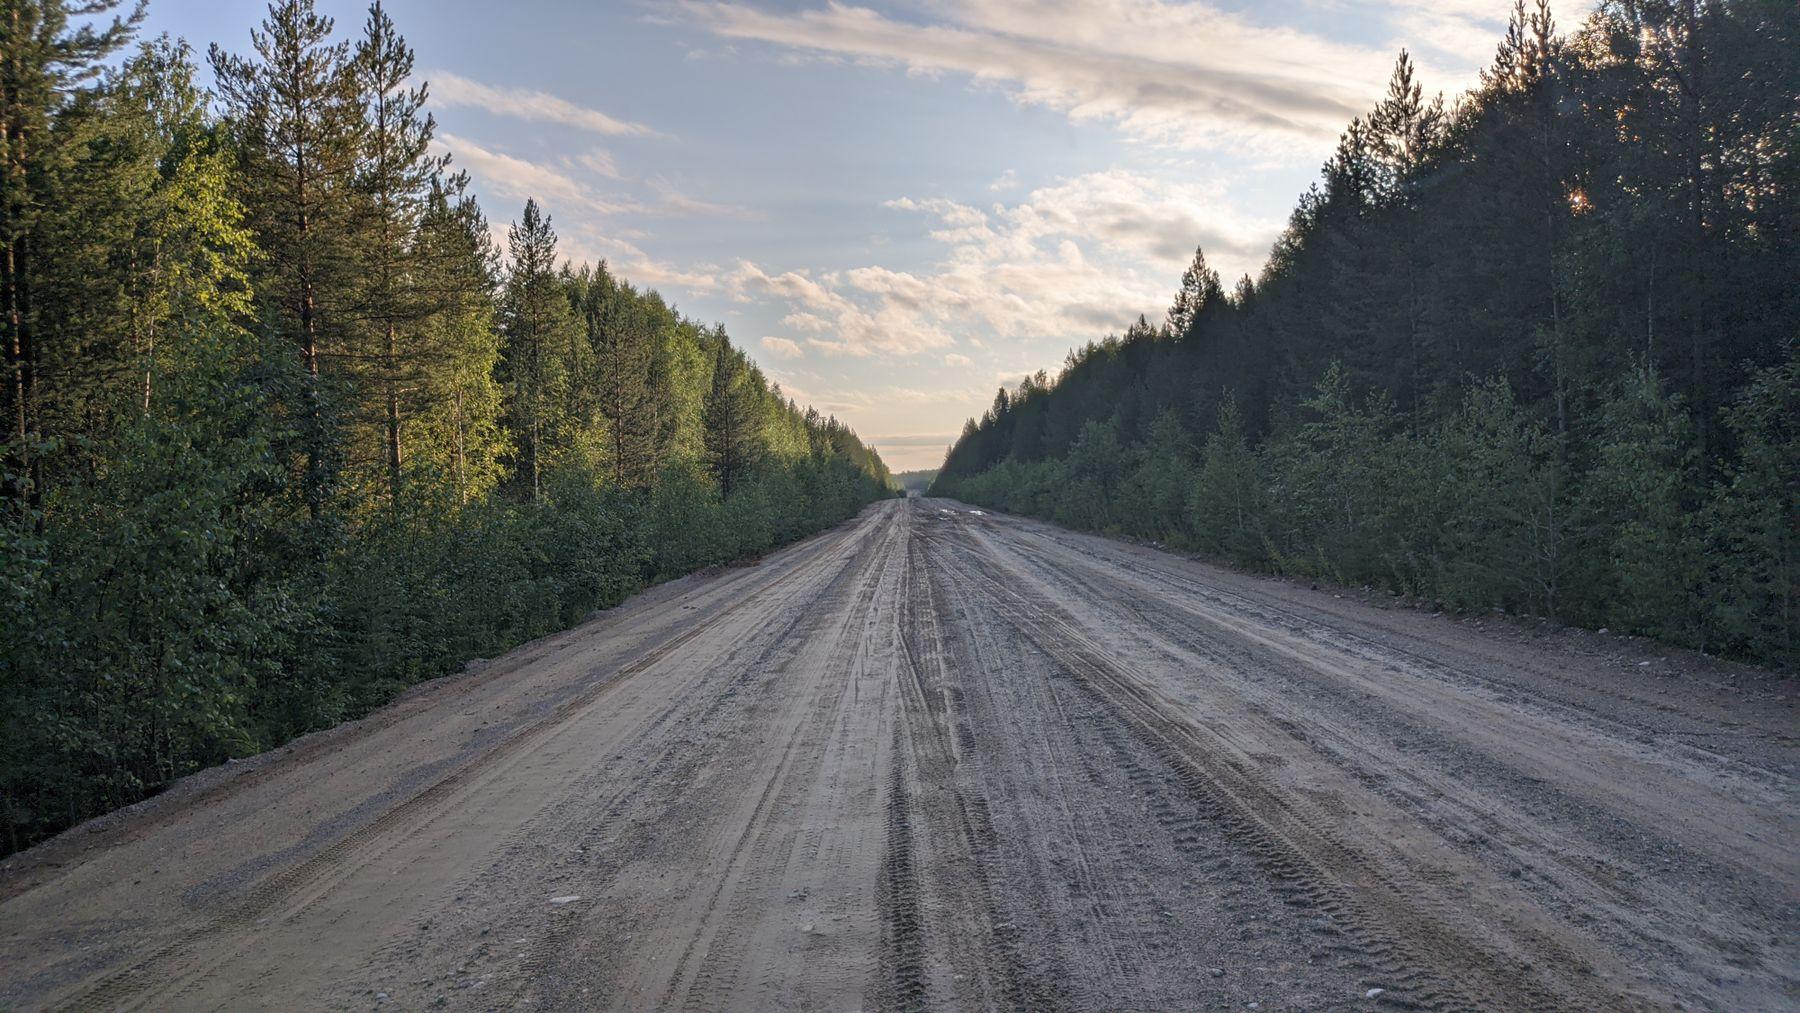 Дорога... Дорога мобильное фото природа пейзаж лес небо лето